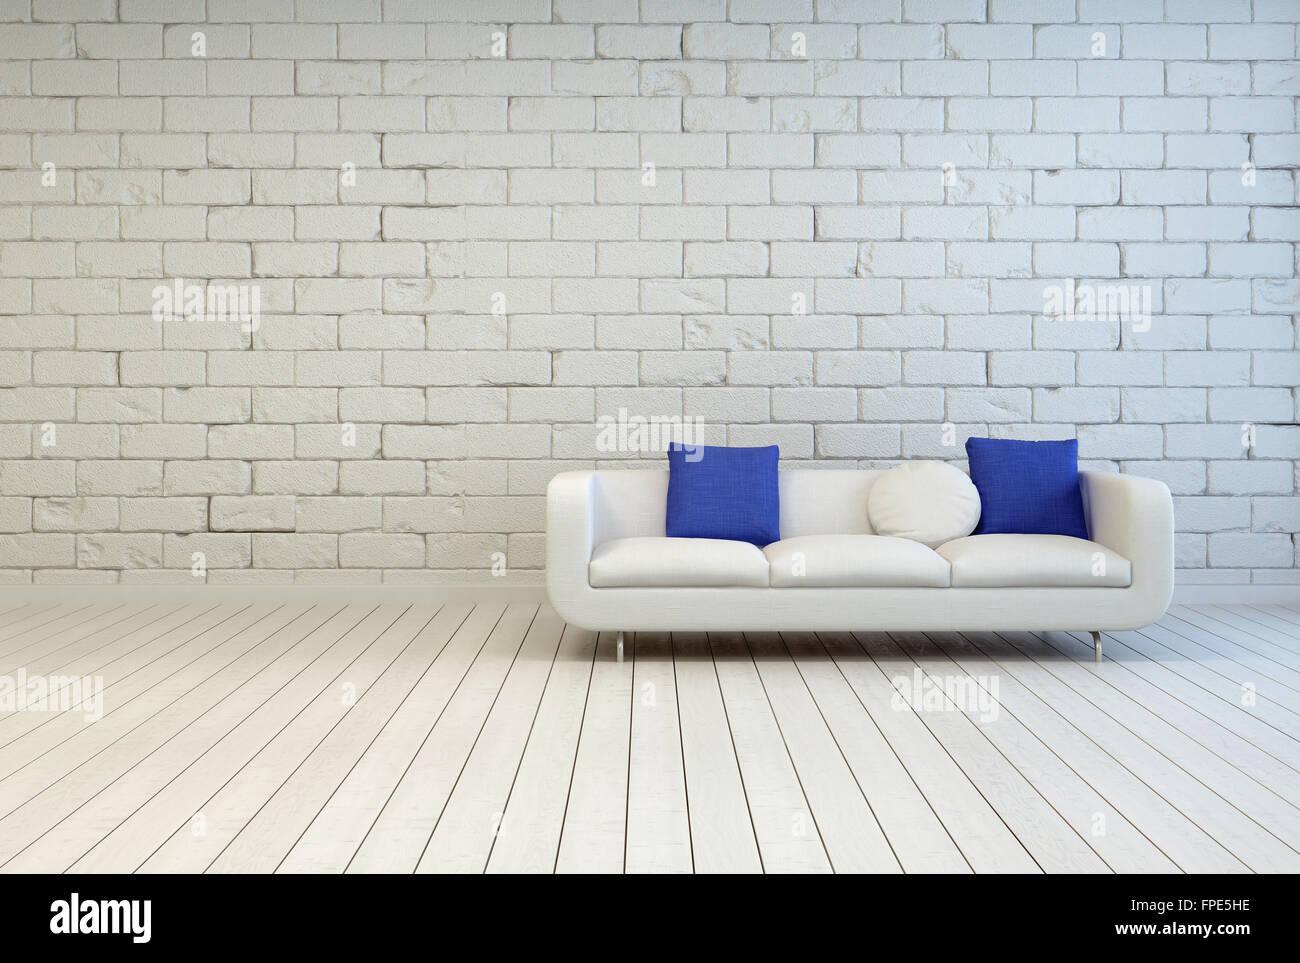 Elegante Weiße Couch Mit Weißen Und Blauen Kissen Auf Einer Leeren  Wohnzimmer Mit Einer Aus Weißen Ziegel Wand Und Holzboden Design.